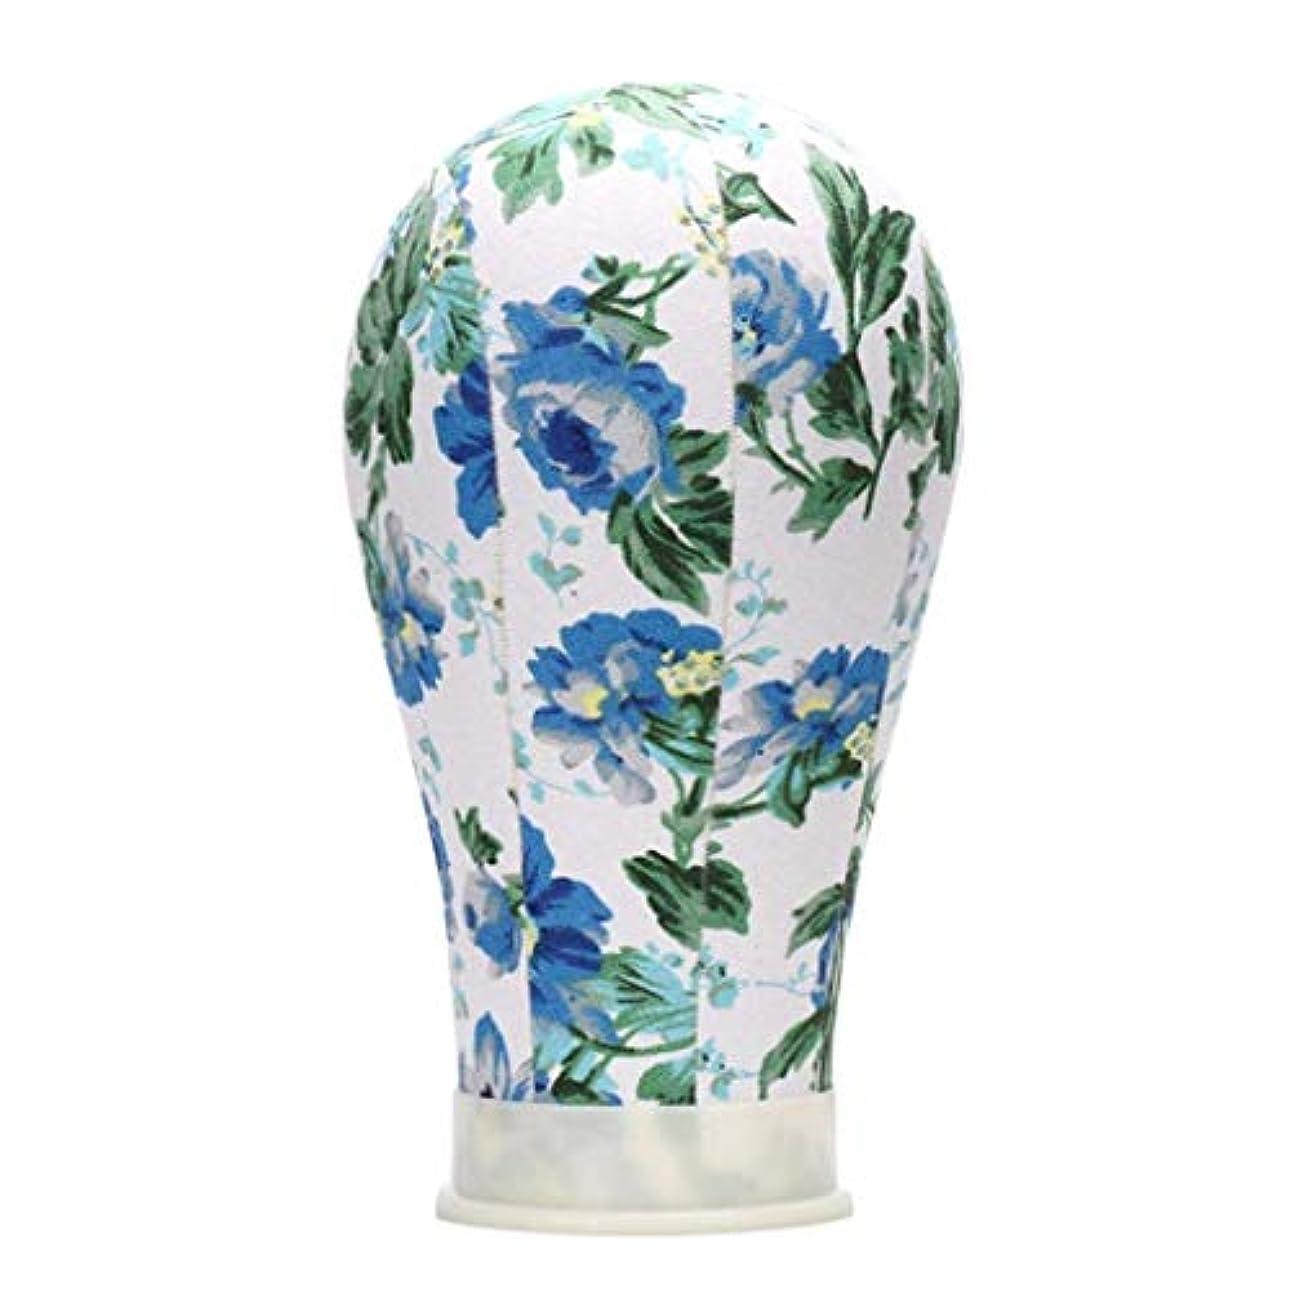 上流の長方形九キャンバス マネキン頭 トルソー 頭 マネキンスタンド マネキンヘッド 帽子 スカーフ ディスプレイ 全4選択 - 22インチ